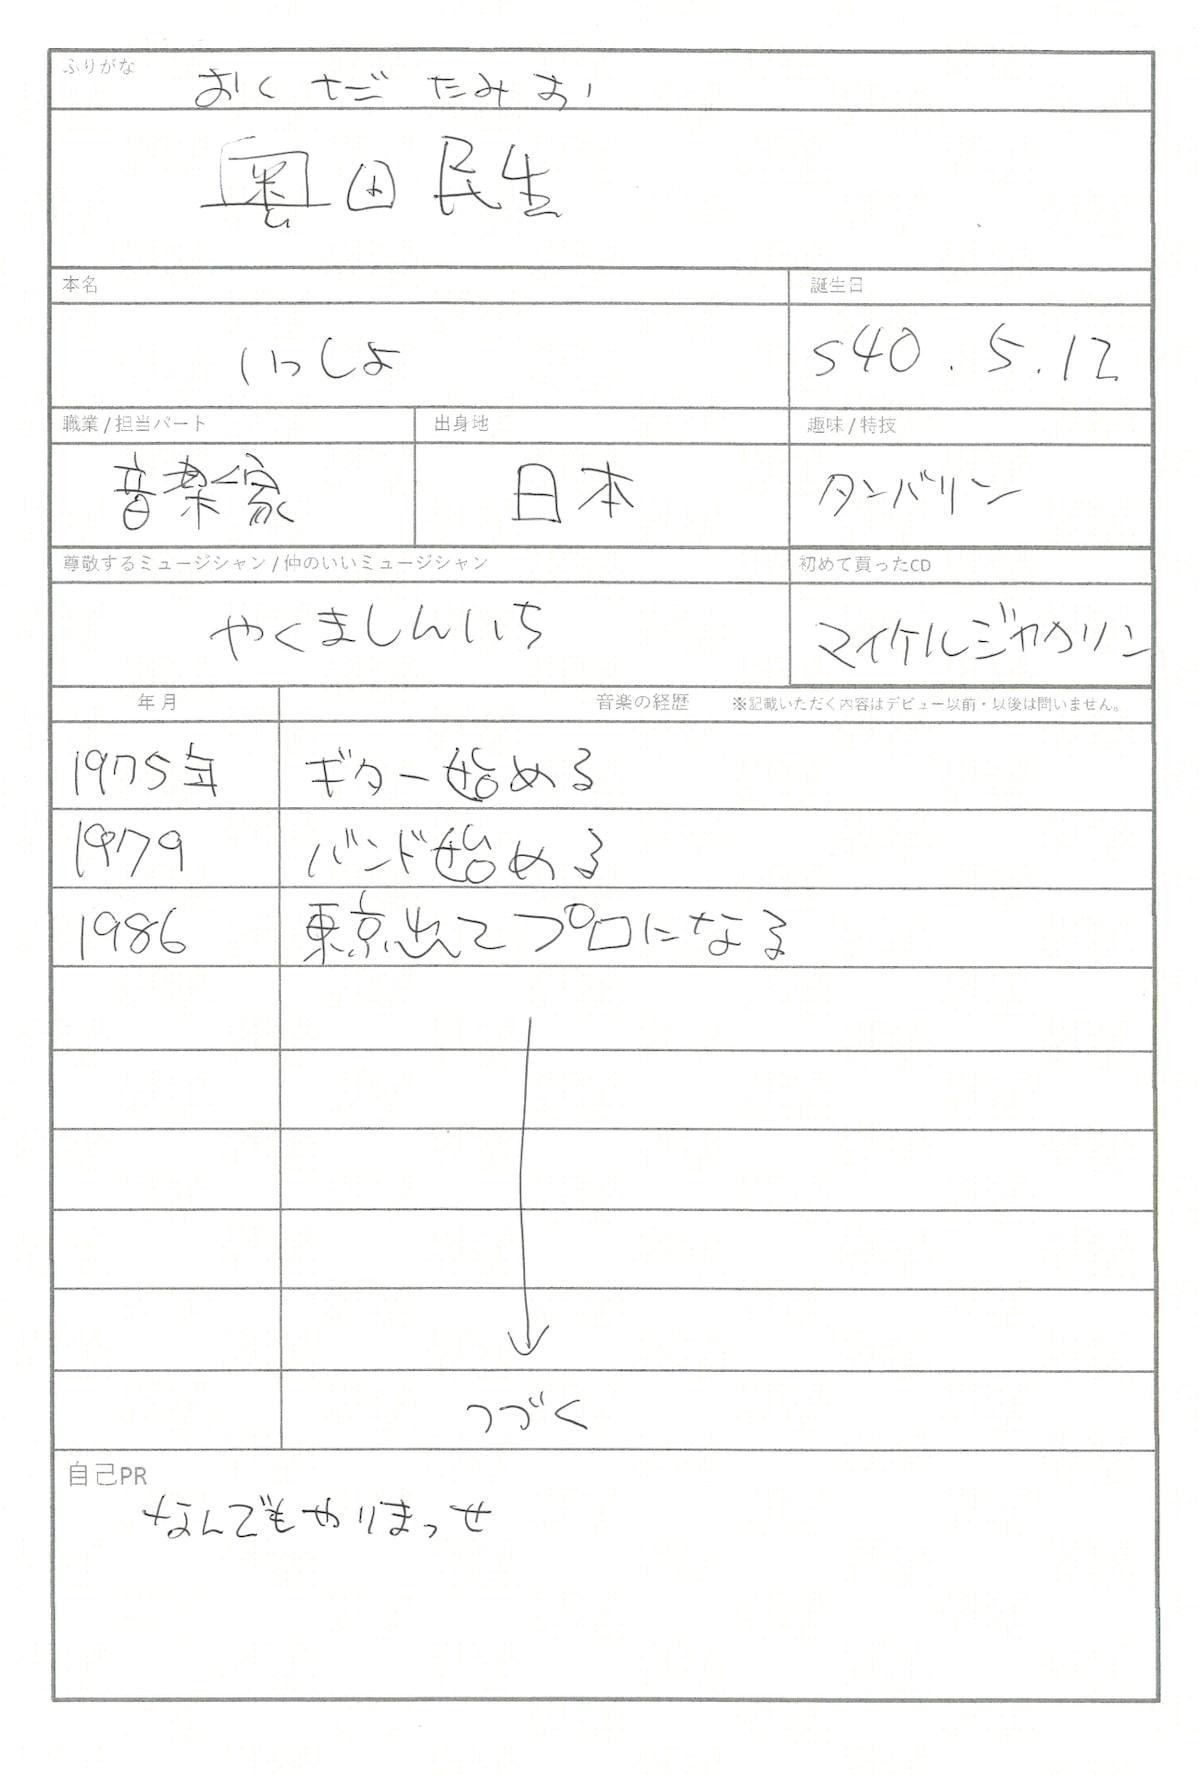 奥田 民生 コード